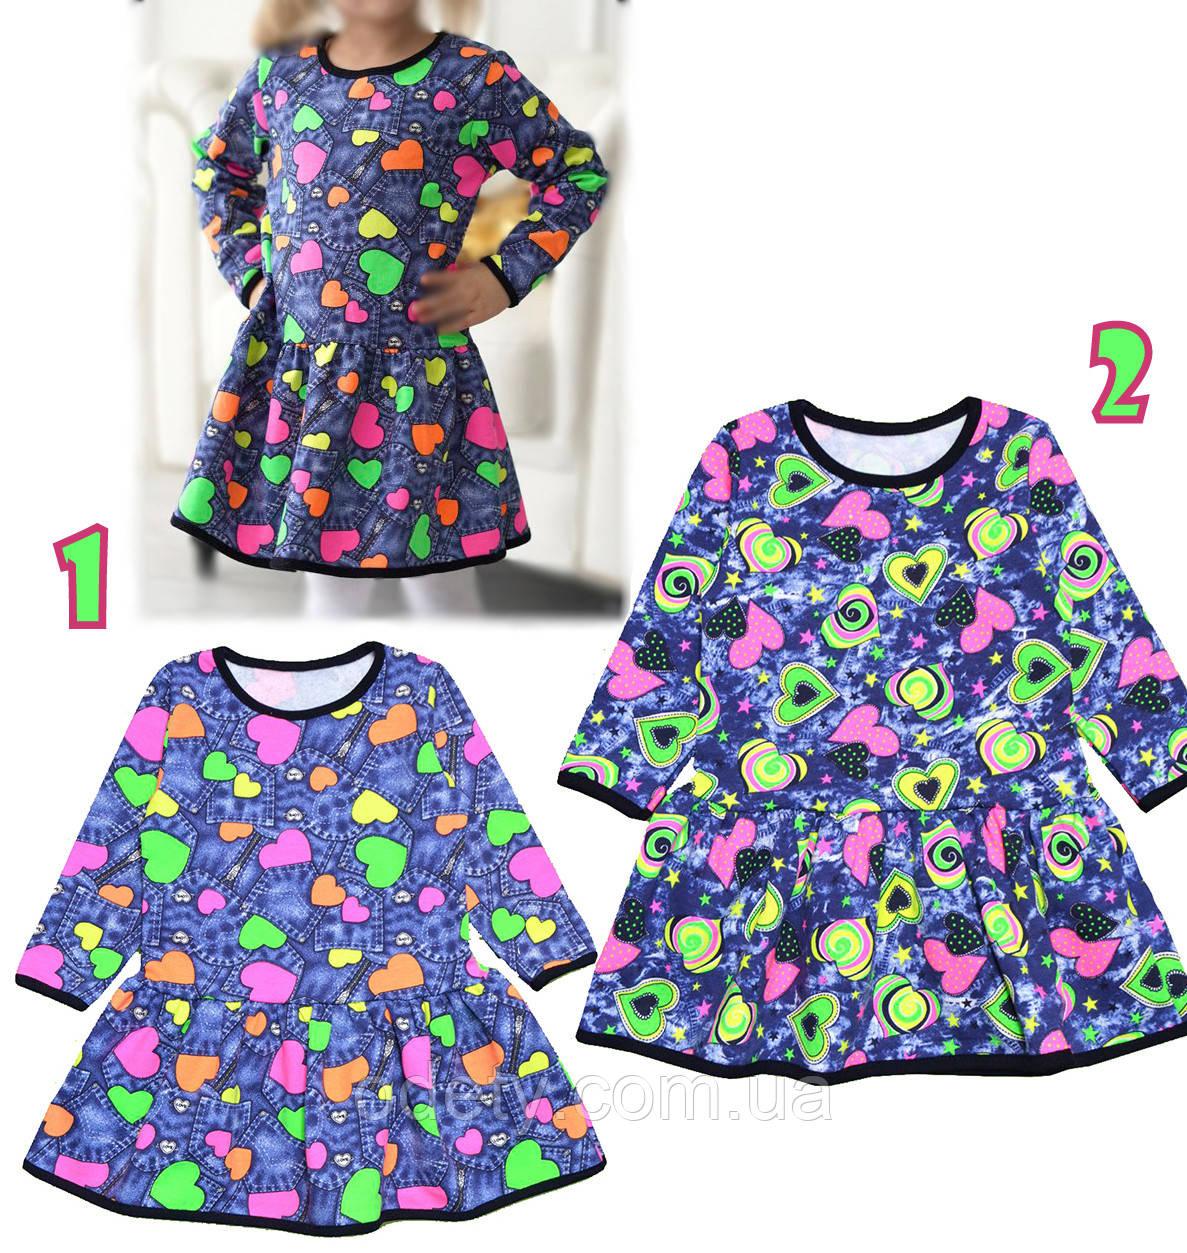 5190d569ae2 Яркое платьице для девочки. Трикотажное платье для девочки. Повседневное  платьице для девочки.